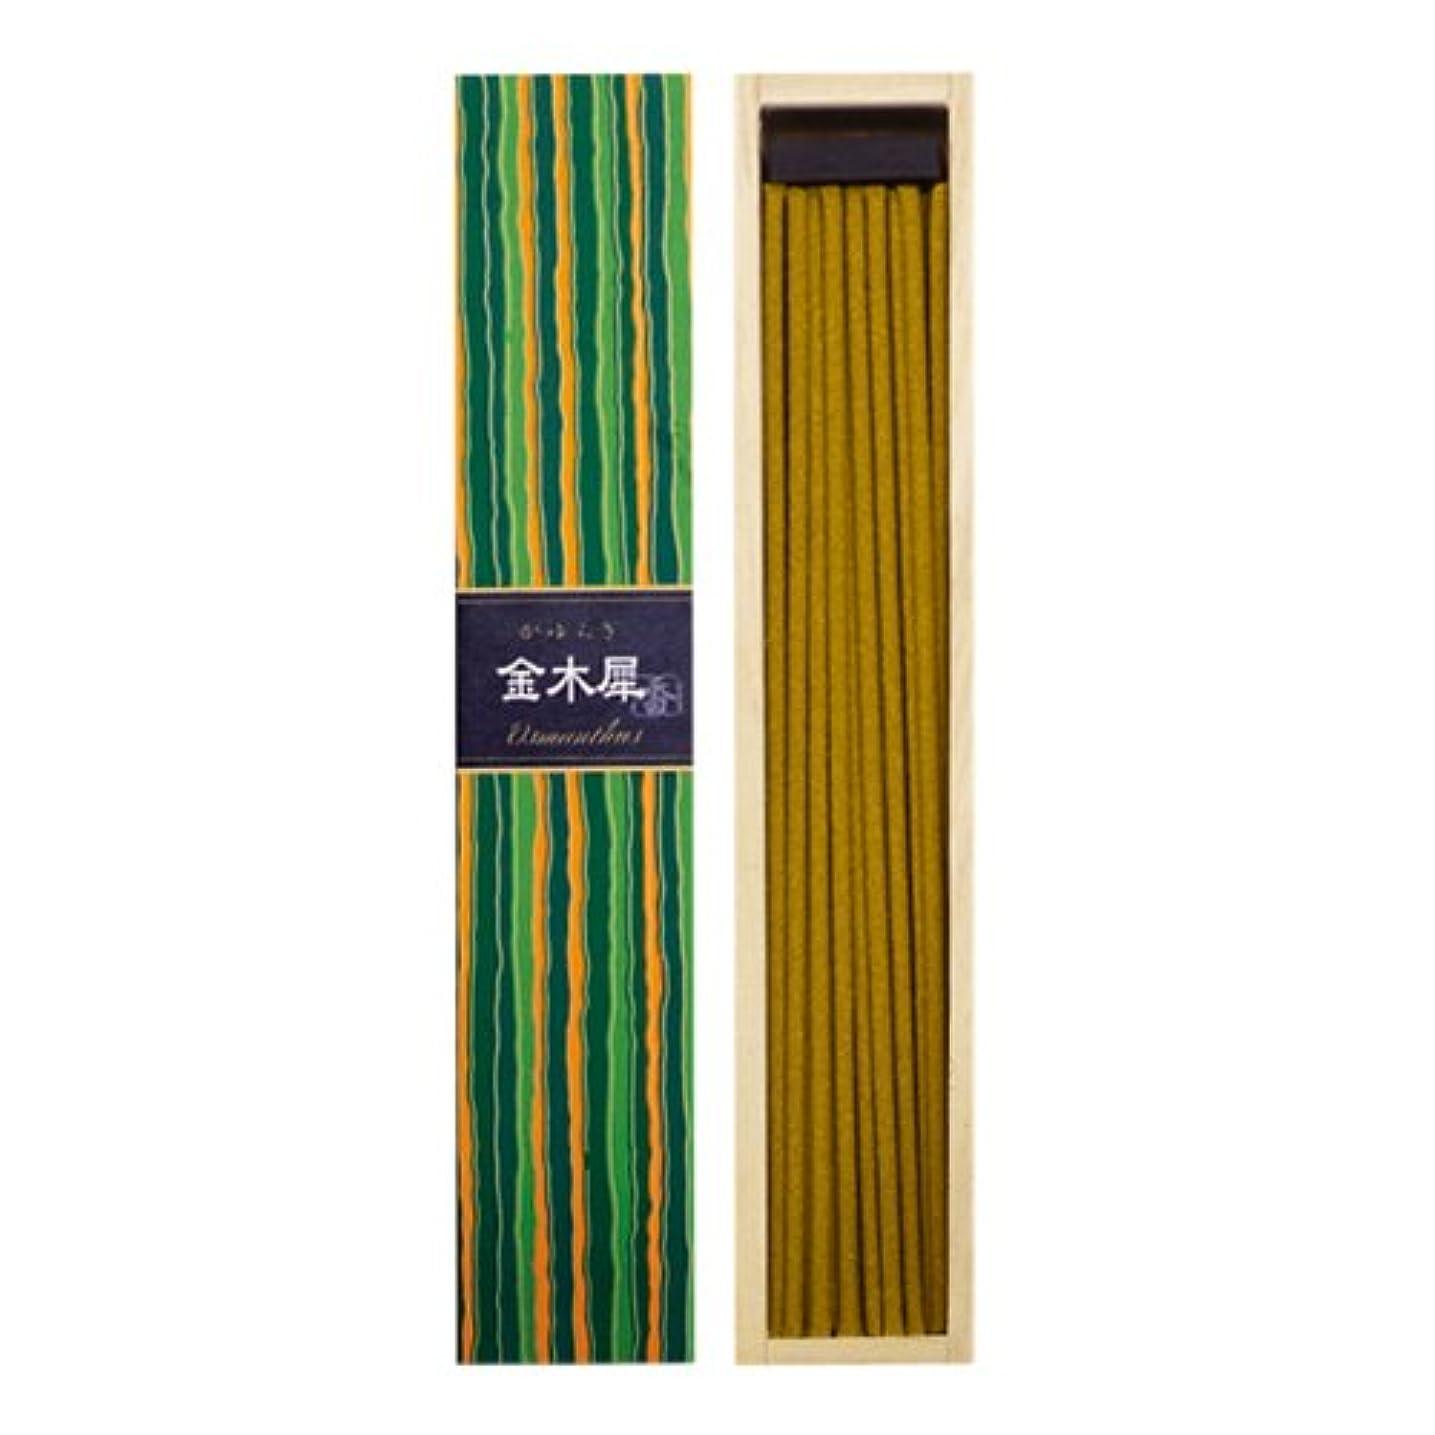 確認キー文明化【セット品】かゆらぎ 金木犀(きんもくせい) ×3個